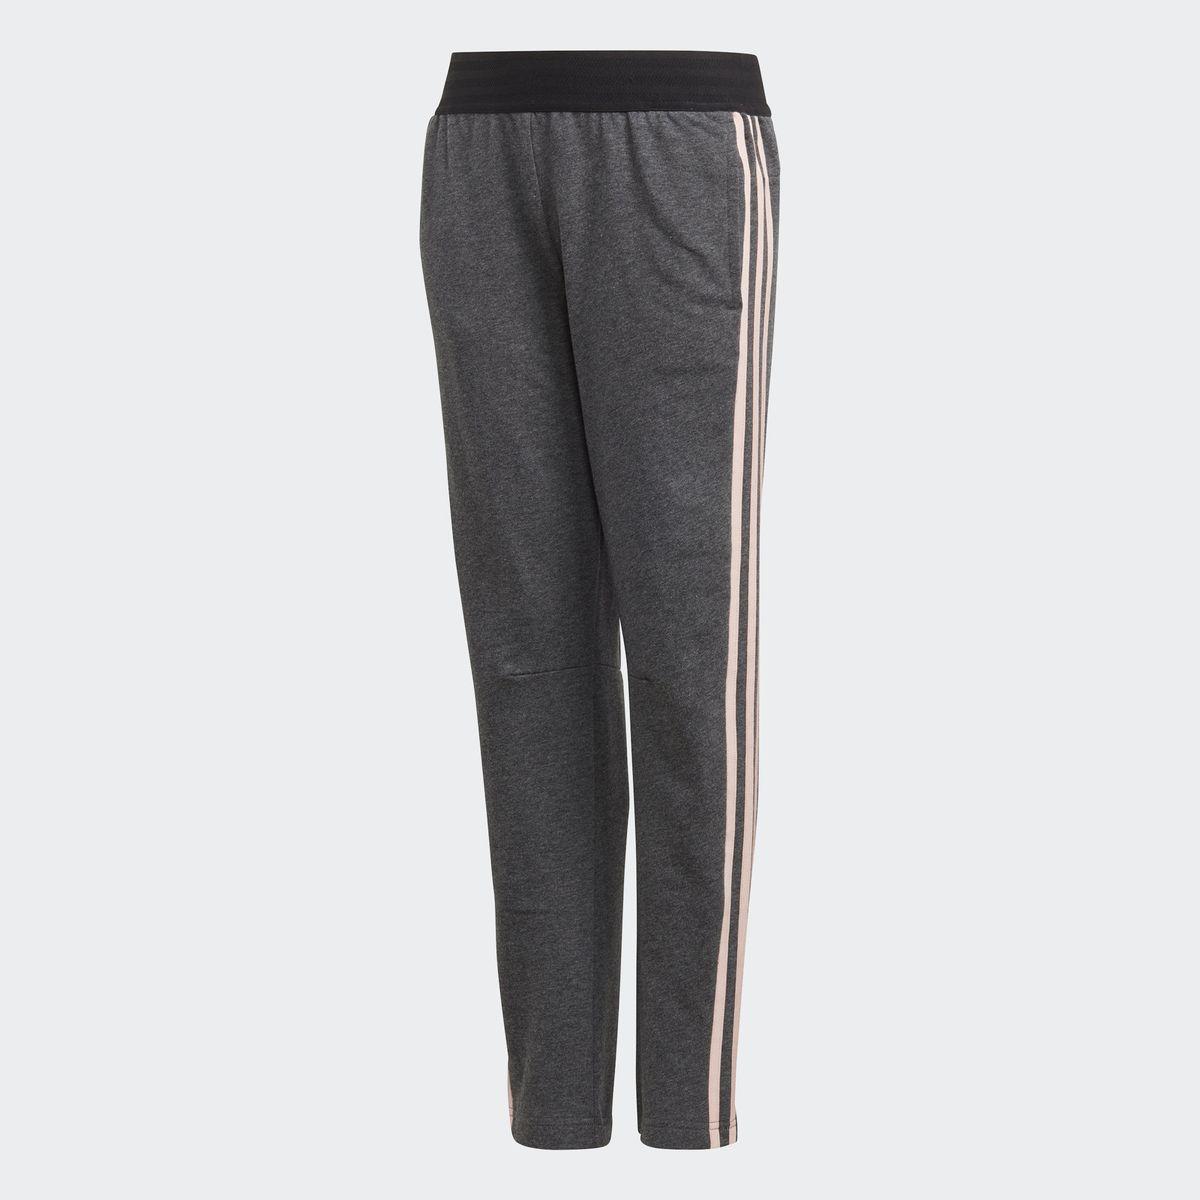 Брюки спортивные adidas Yg Id 3S Pant брюки adidas w mh 3s pant